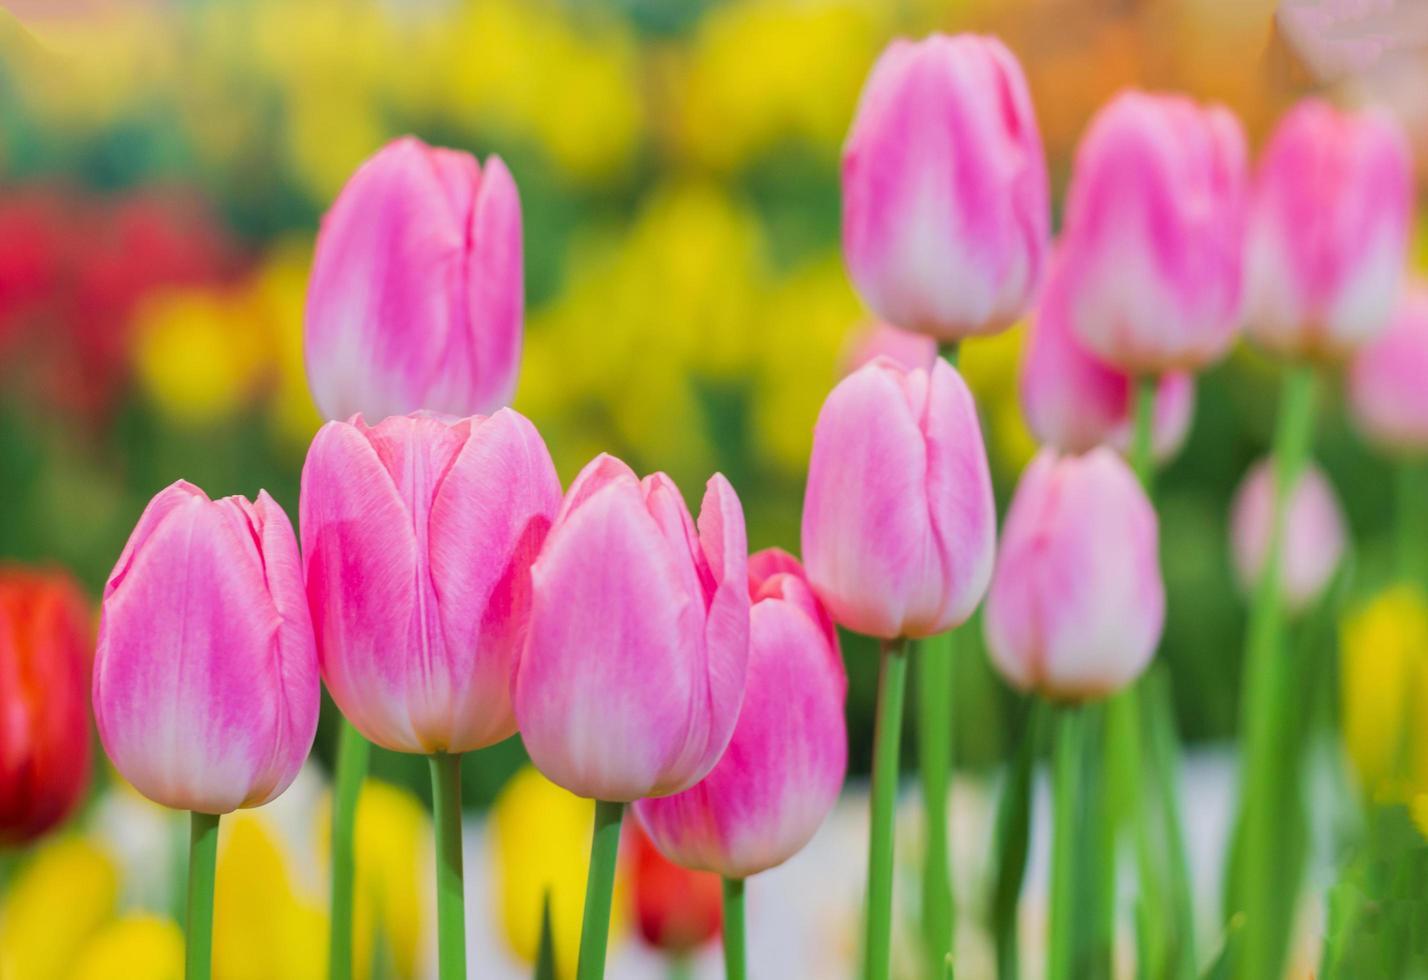 roze tulp bloemen in de tuin foto